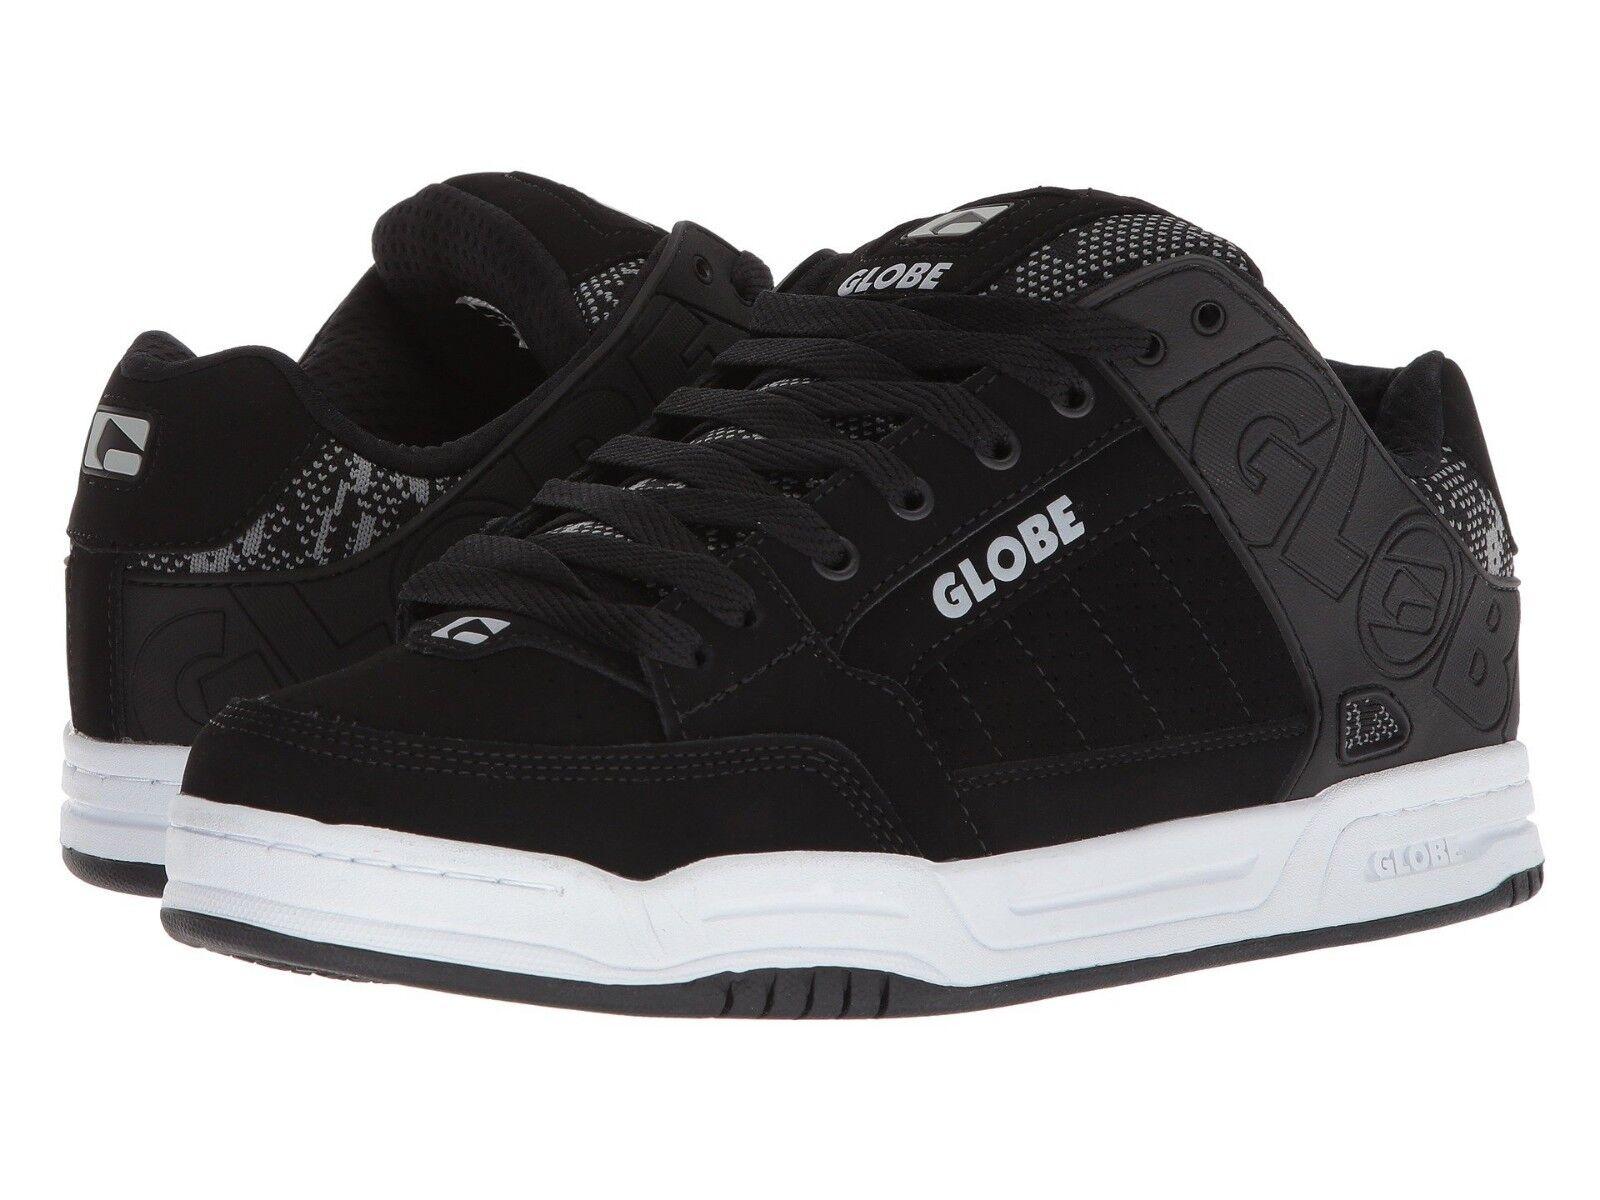 Herren GLOBE TILT SKATEBOARDING Schuhe NIB NIB NIB BLACK JAQUARD b83954